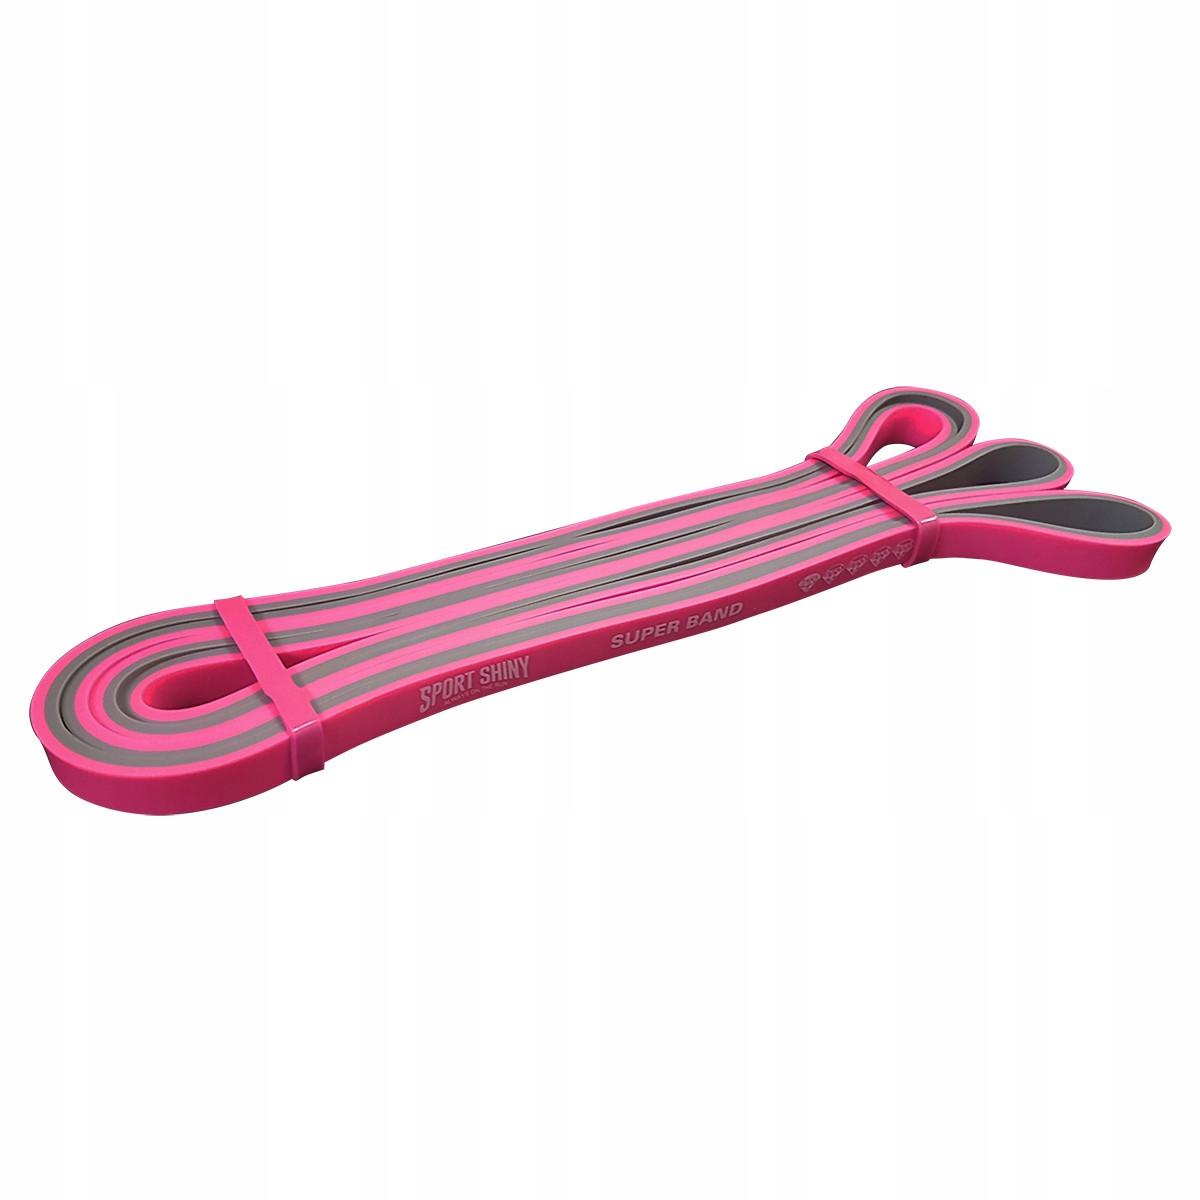 Эспандер-ленточный (резинка для фитнеса и спорта) Sport Shiny Super Band 10 мм 0-8 кг SV-HK0161